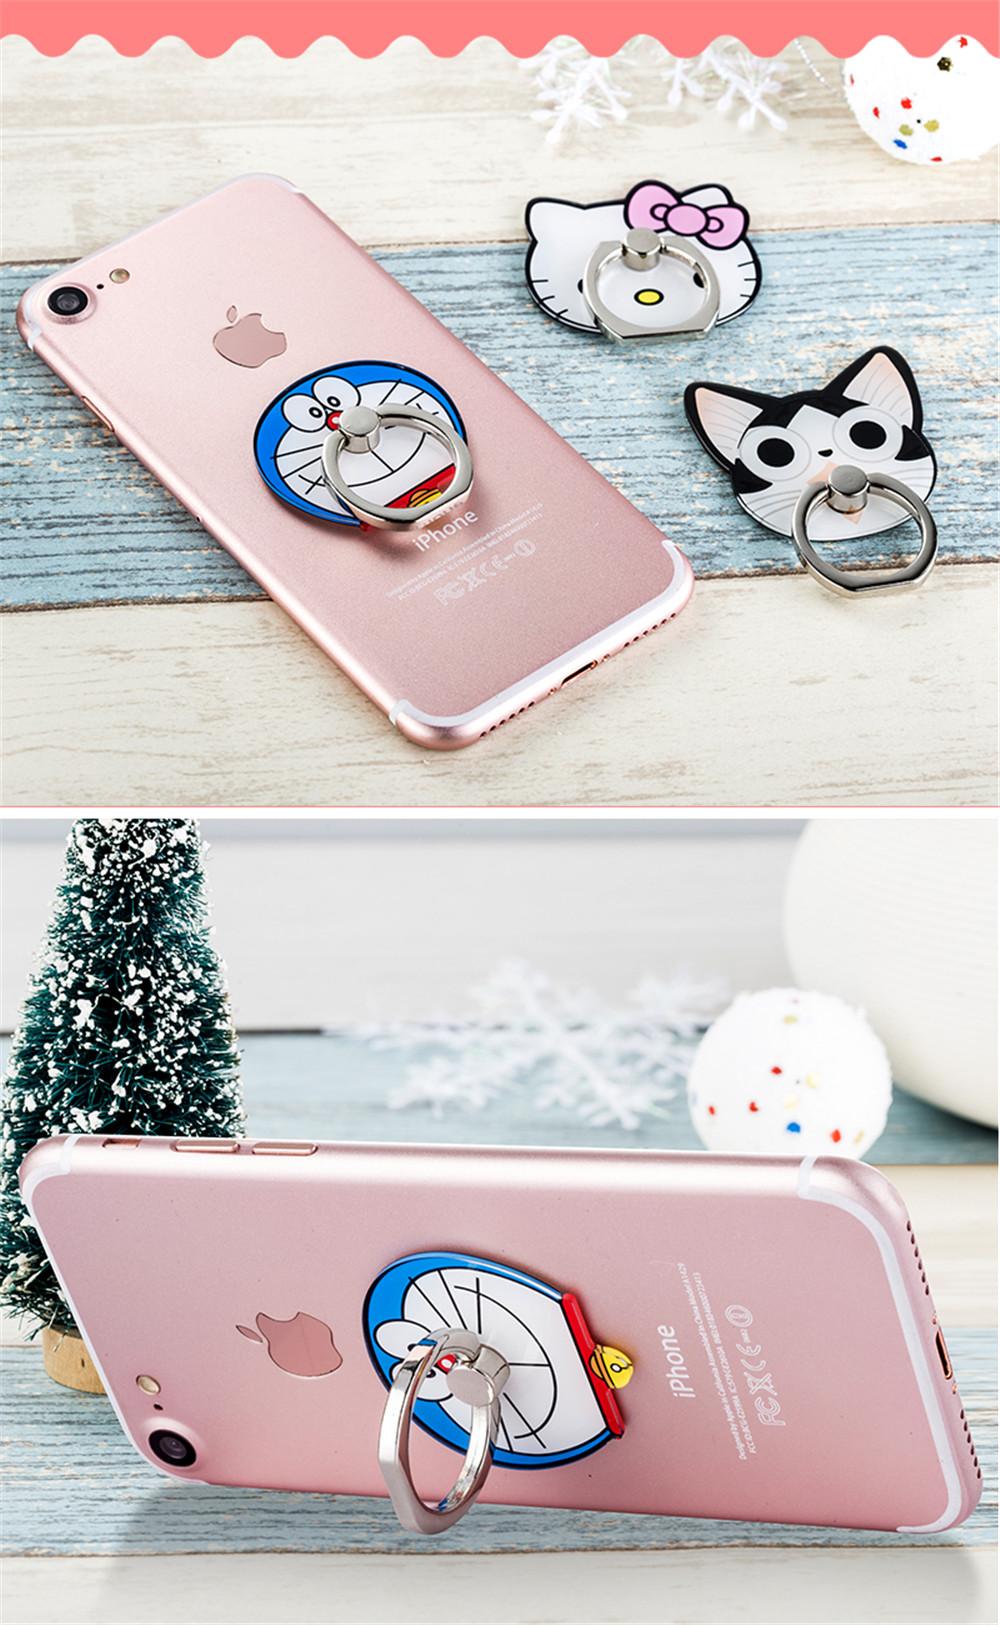 FANBIYA finger ring phone holder detail1 (12)